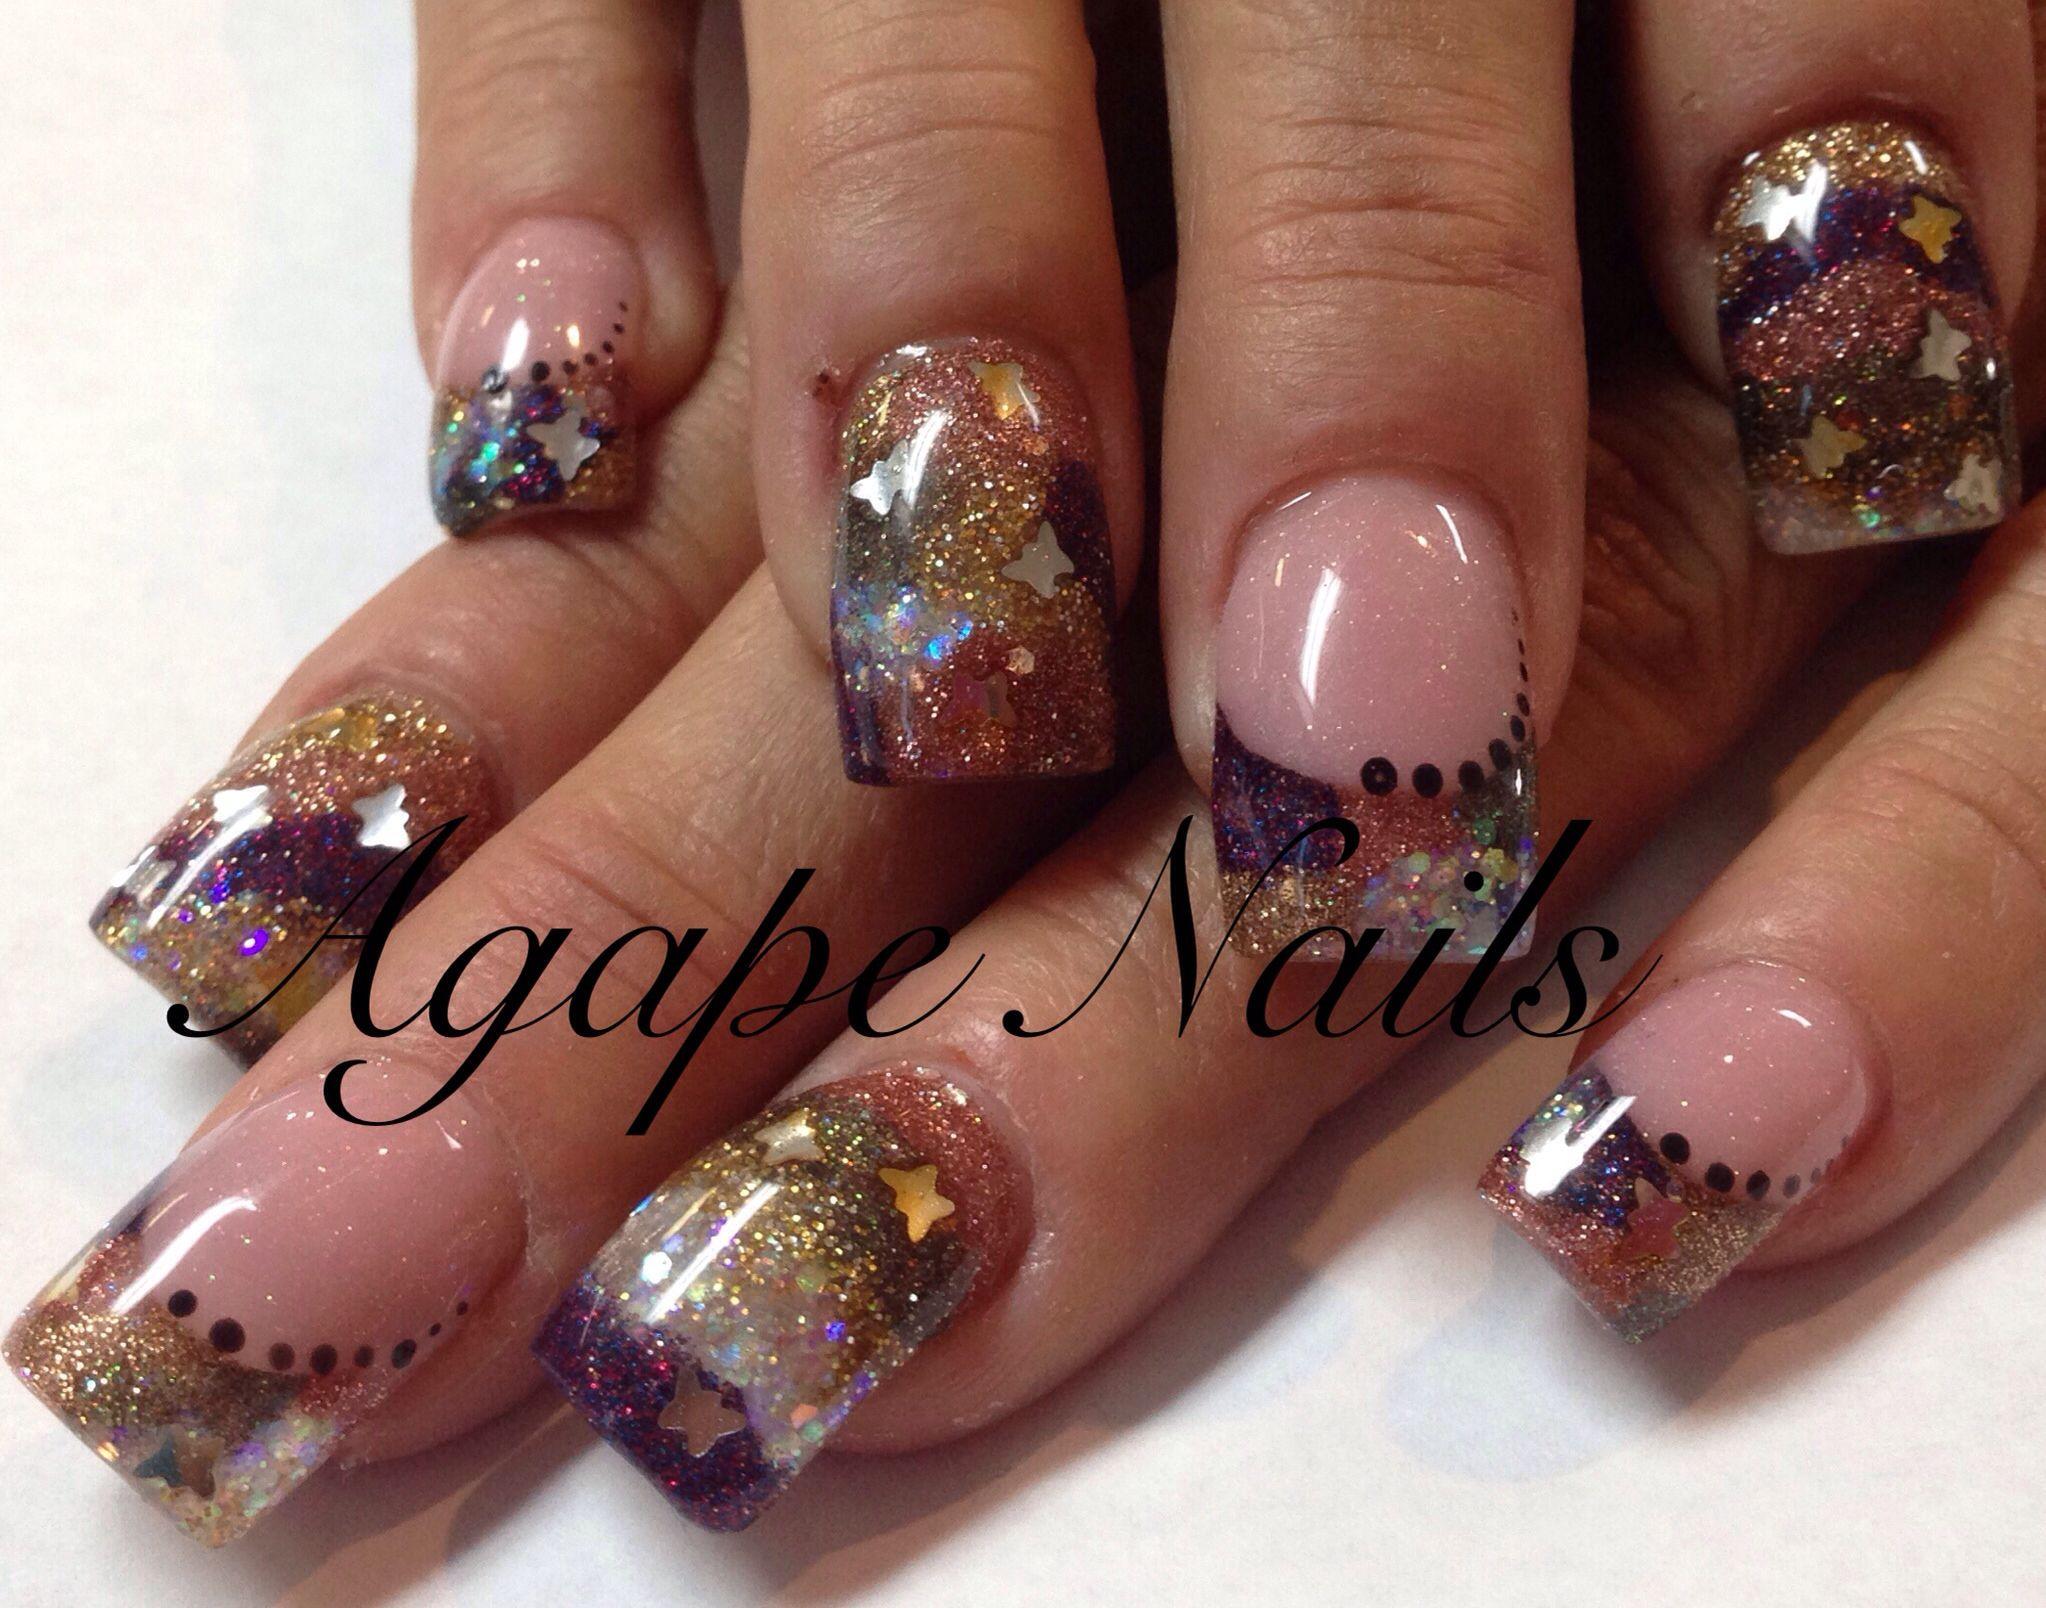 Pin By Agape Nails Nails On Nails Gel Nail Art Designs Long Nail Designs Fashion Nails